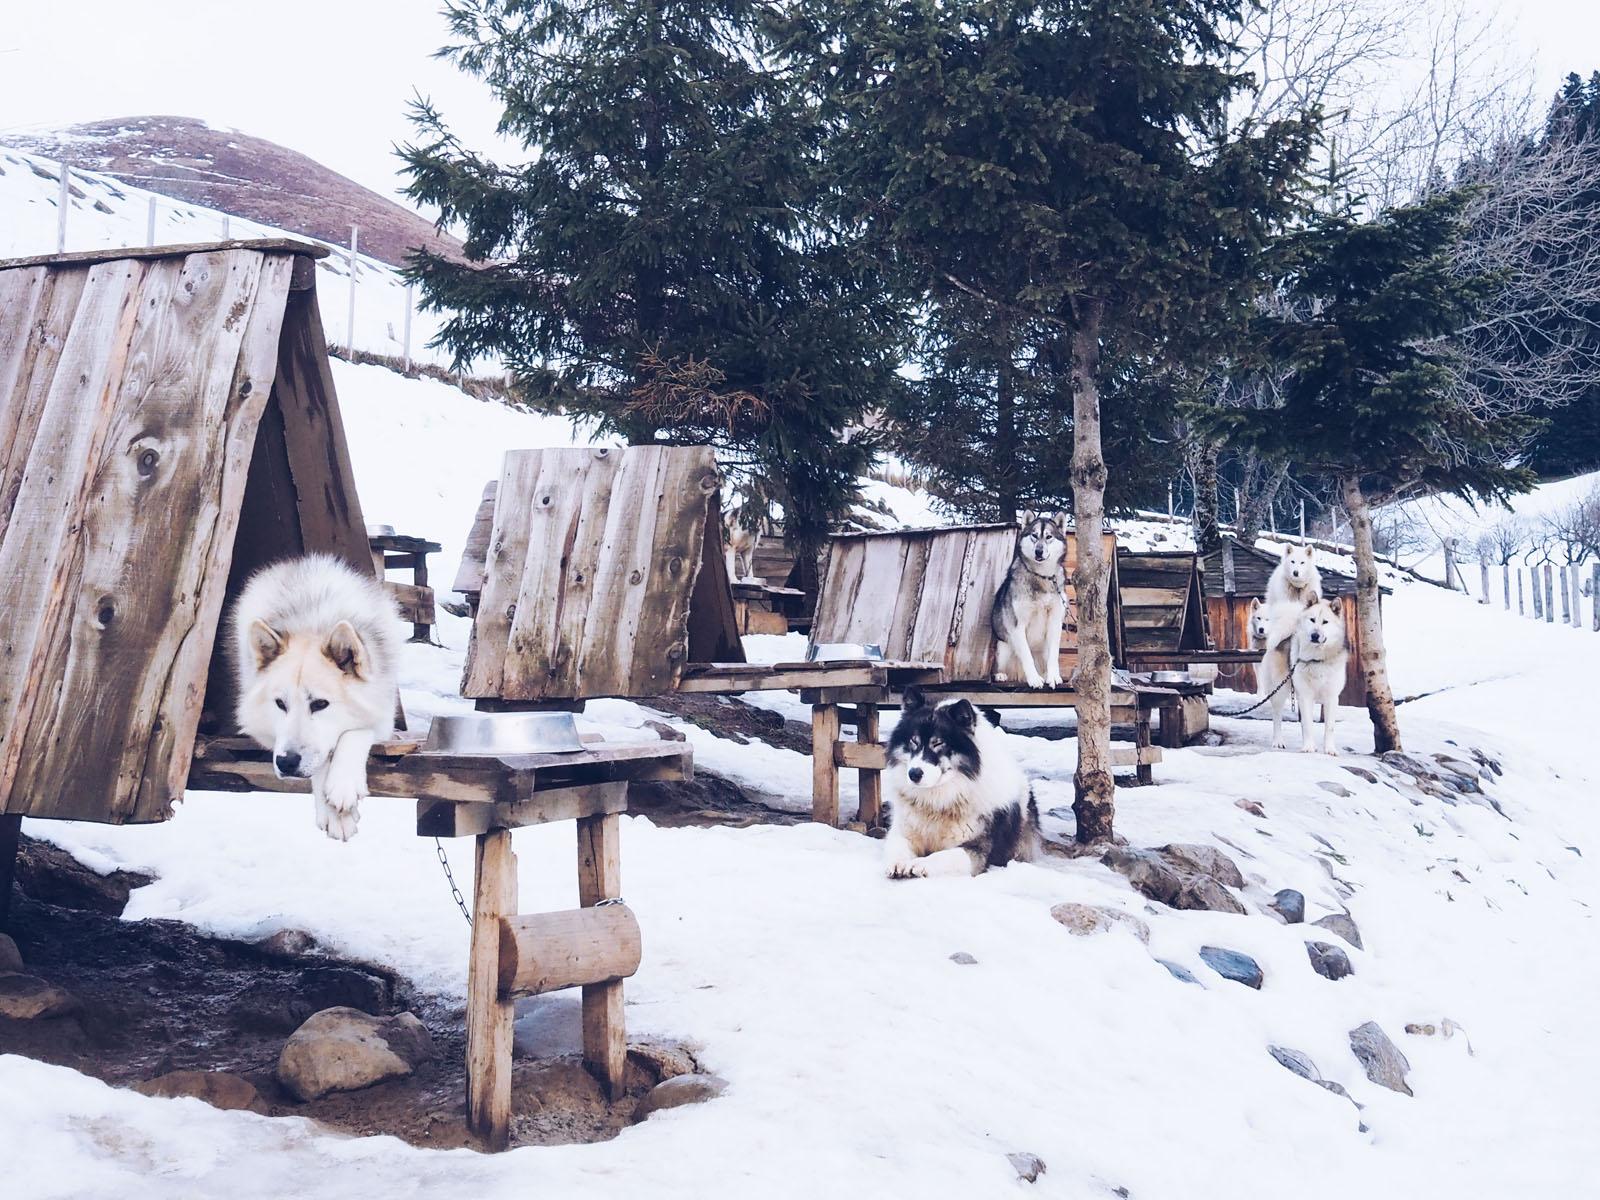 Vacances au ski en famille Hautes Pyrenees bonnes adresses hotel station l La Fiancee du Panda blog mariage et lifestyle-1048474